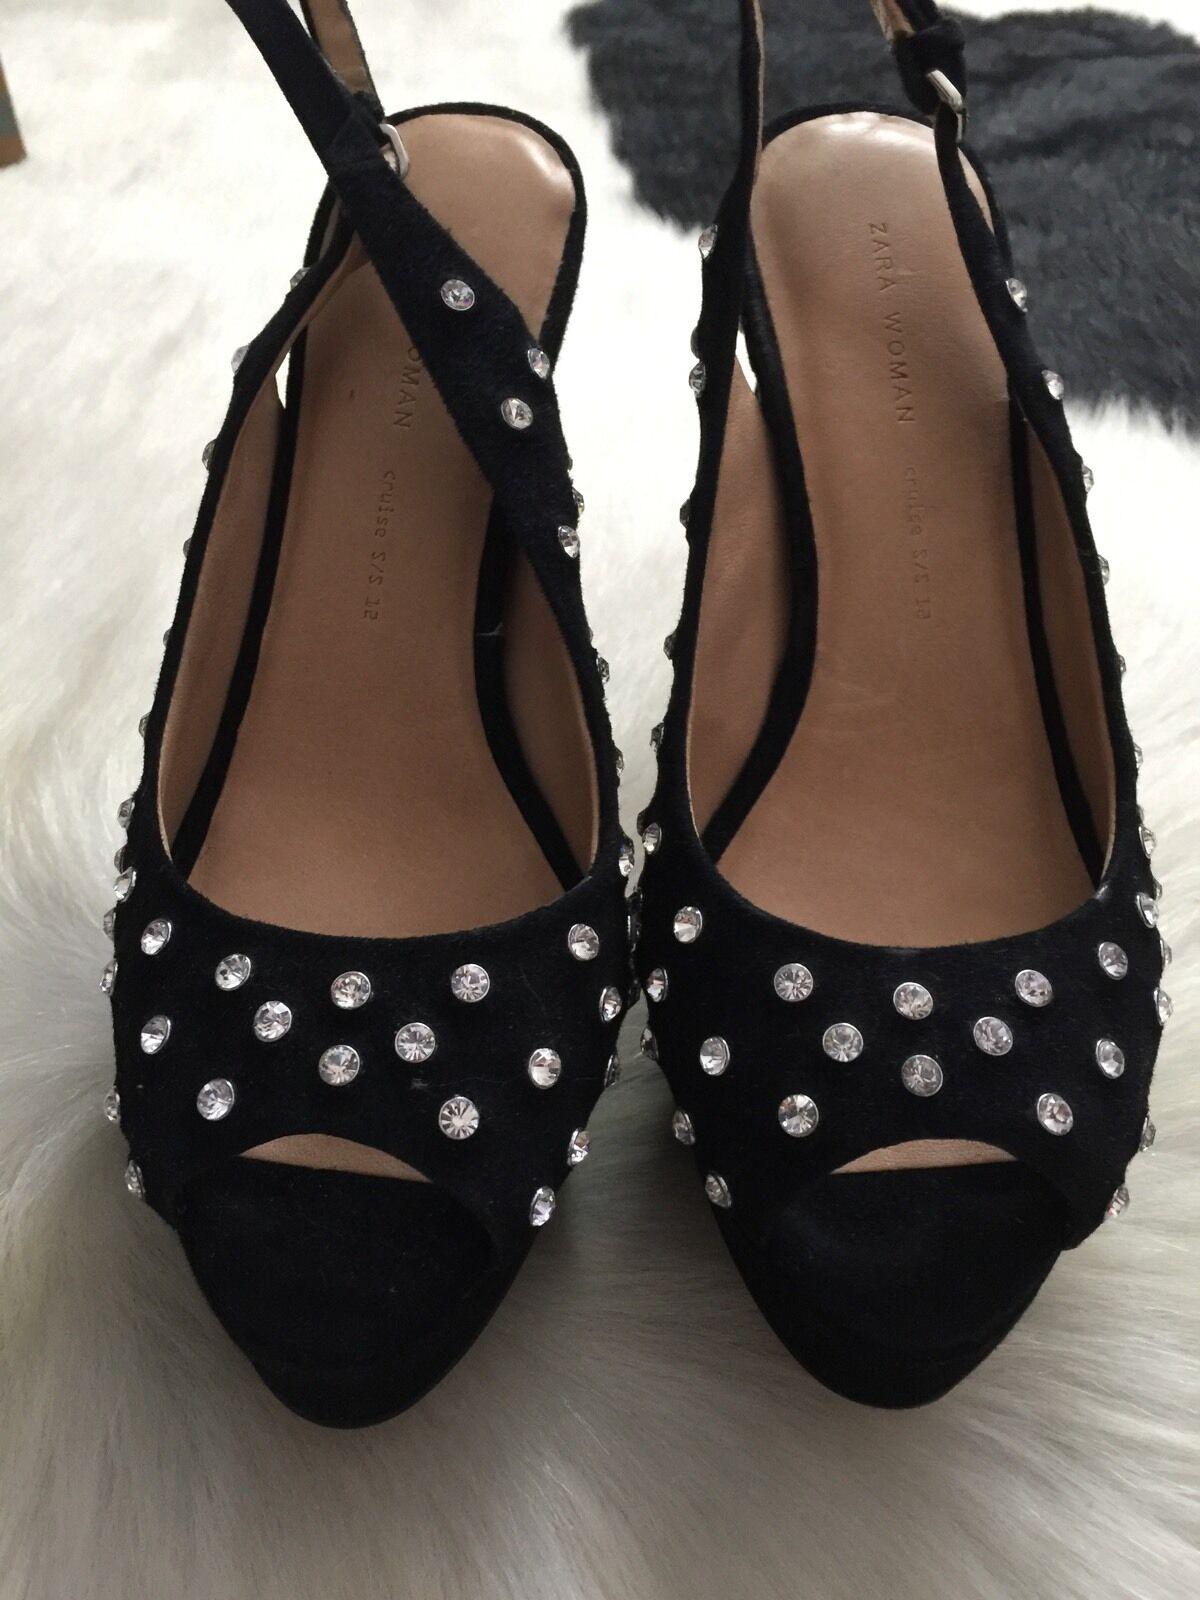 Zara Suede RHINESTONE Platform Heel Sandals Größe 37 = 6.5 6.5 6.5 b86c75